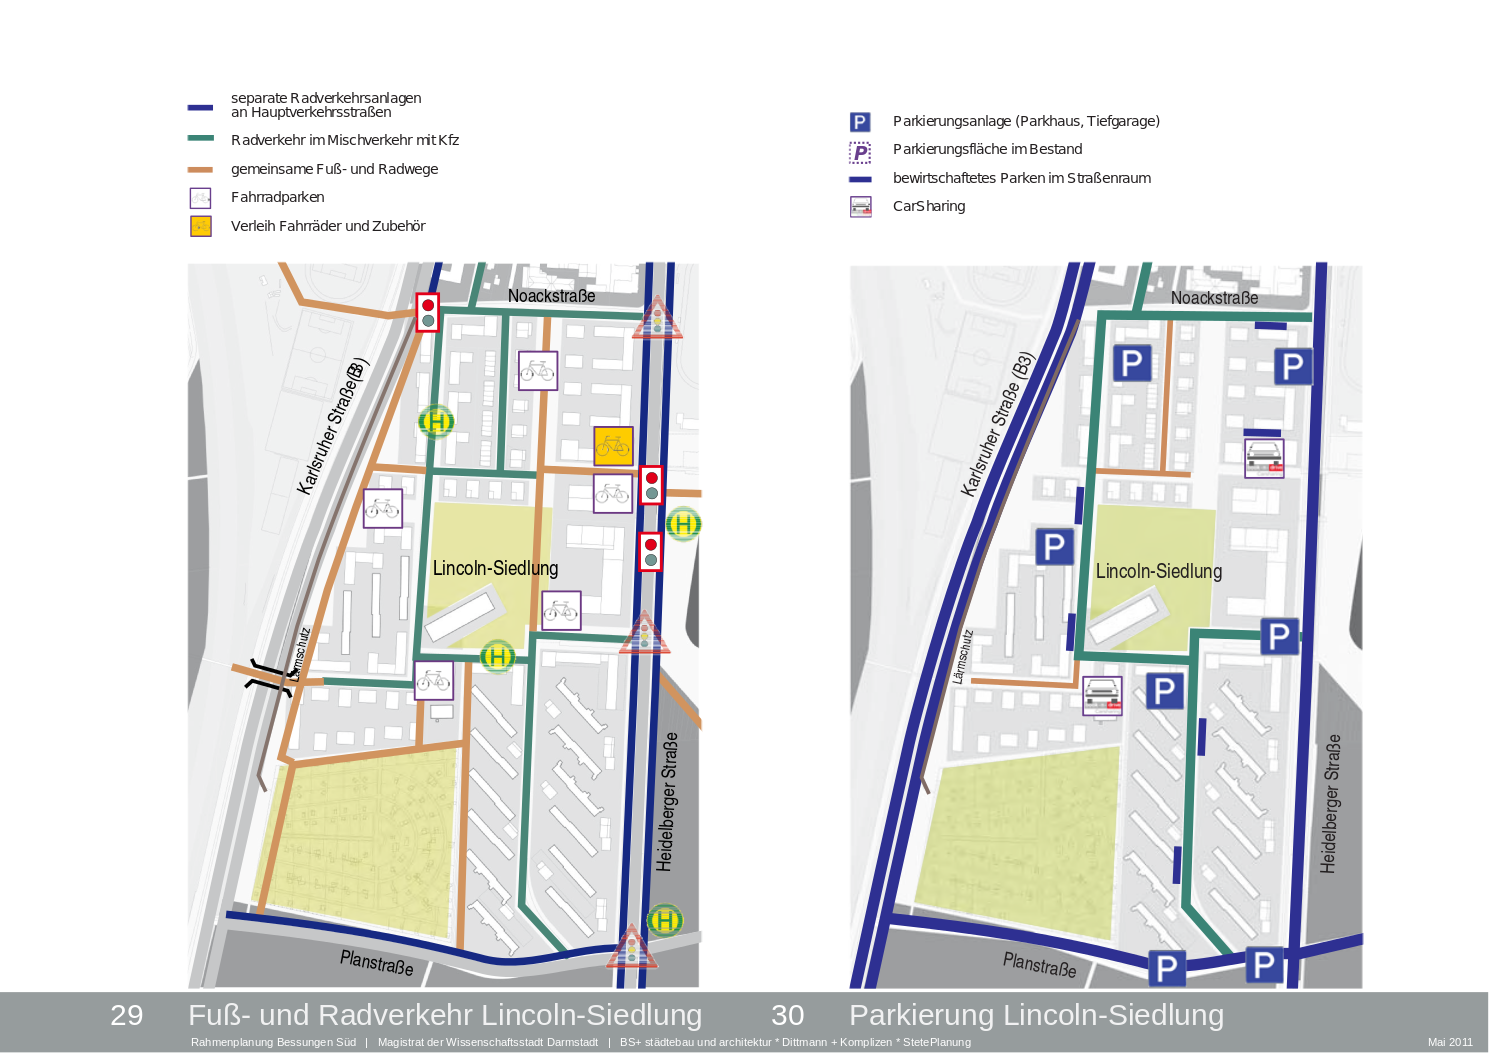 Mobilitätskonzept Lincolnsiedlung. Auszug aus dem Rahmenplan. Quelle: Stadt Darmstadt